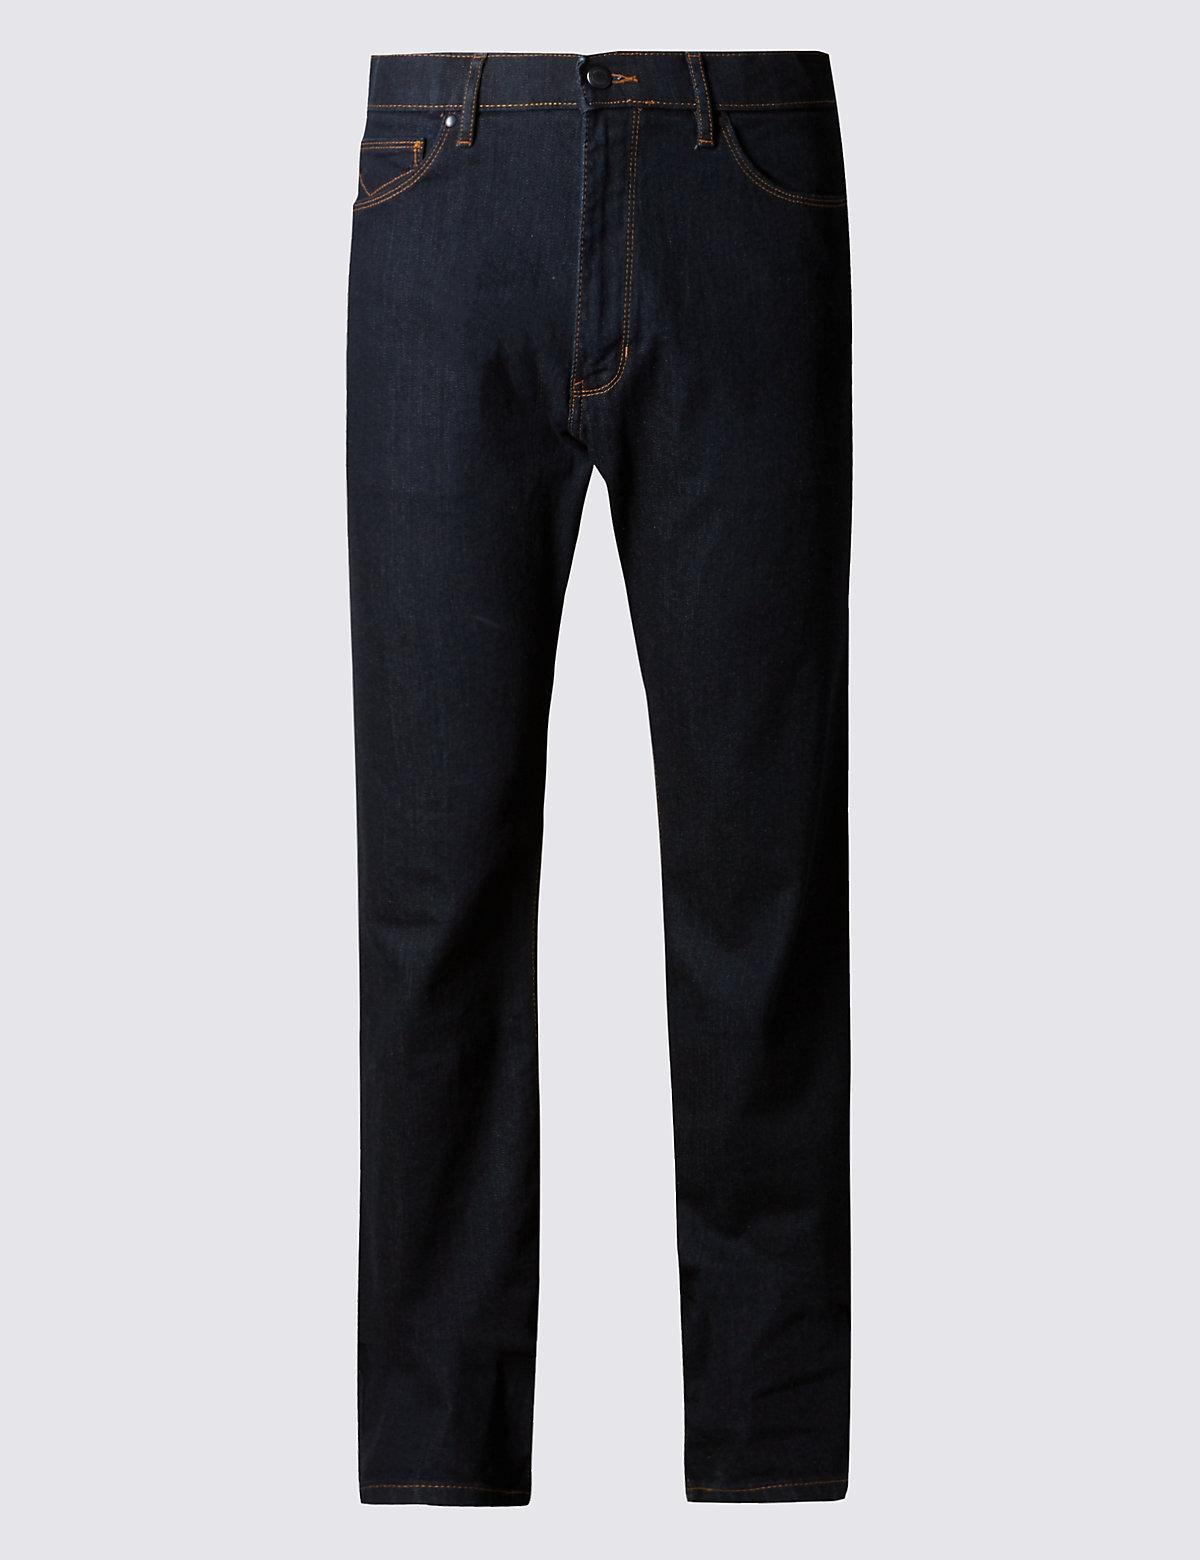 Классические джинсы стретч Stormwear™ с высокой посадкой